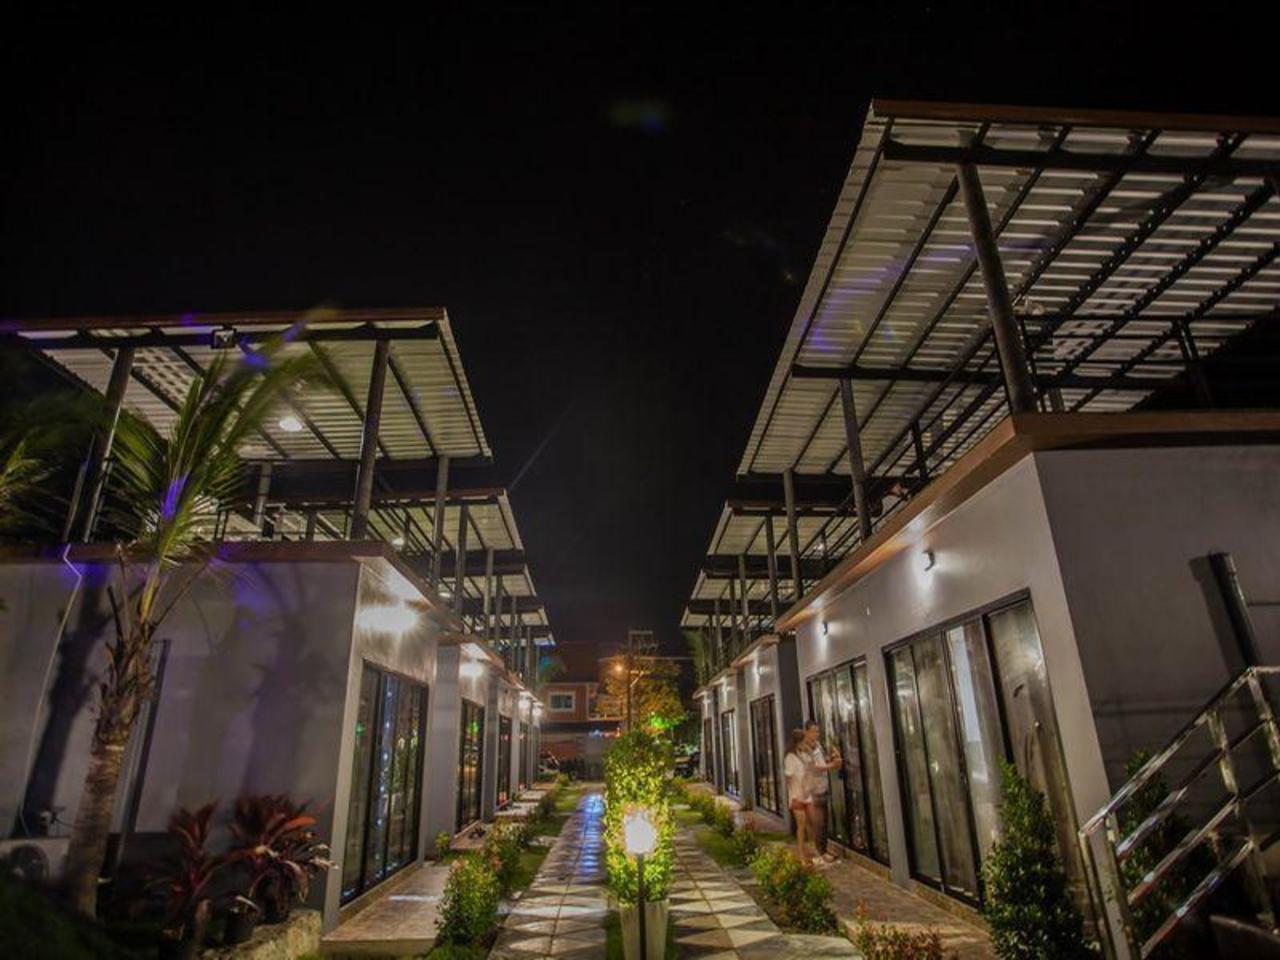 รับลมรีสอร์ท (Rublom Resort)